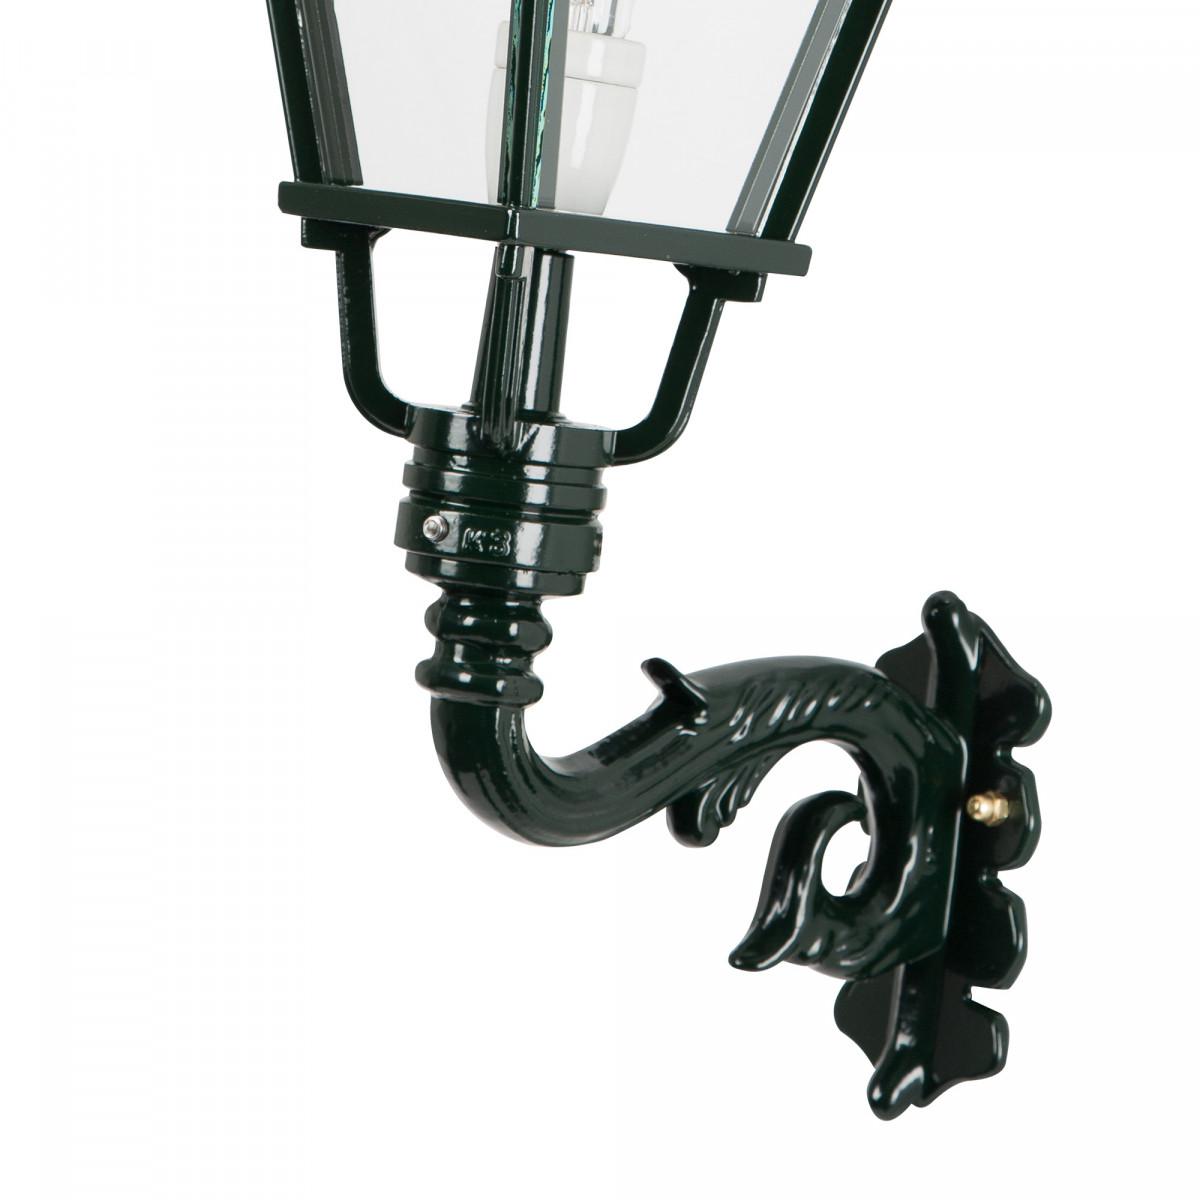 buitenlantaarn M 41 (1213) - KS Verlichting - Buitenverlichting Vierkant